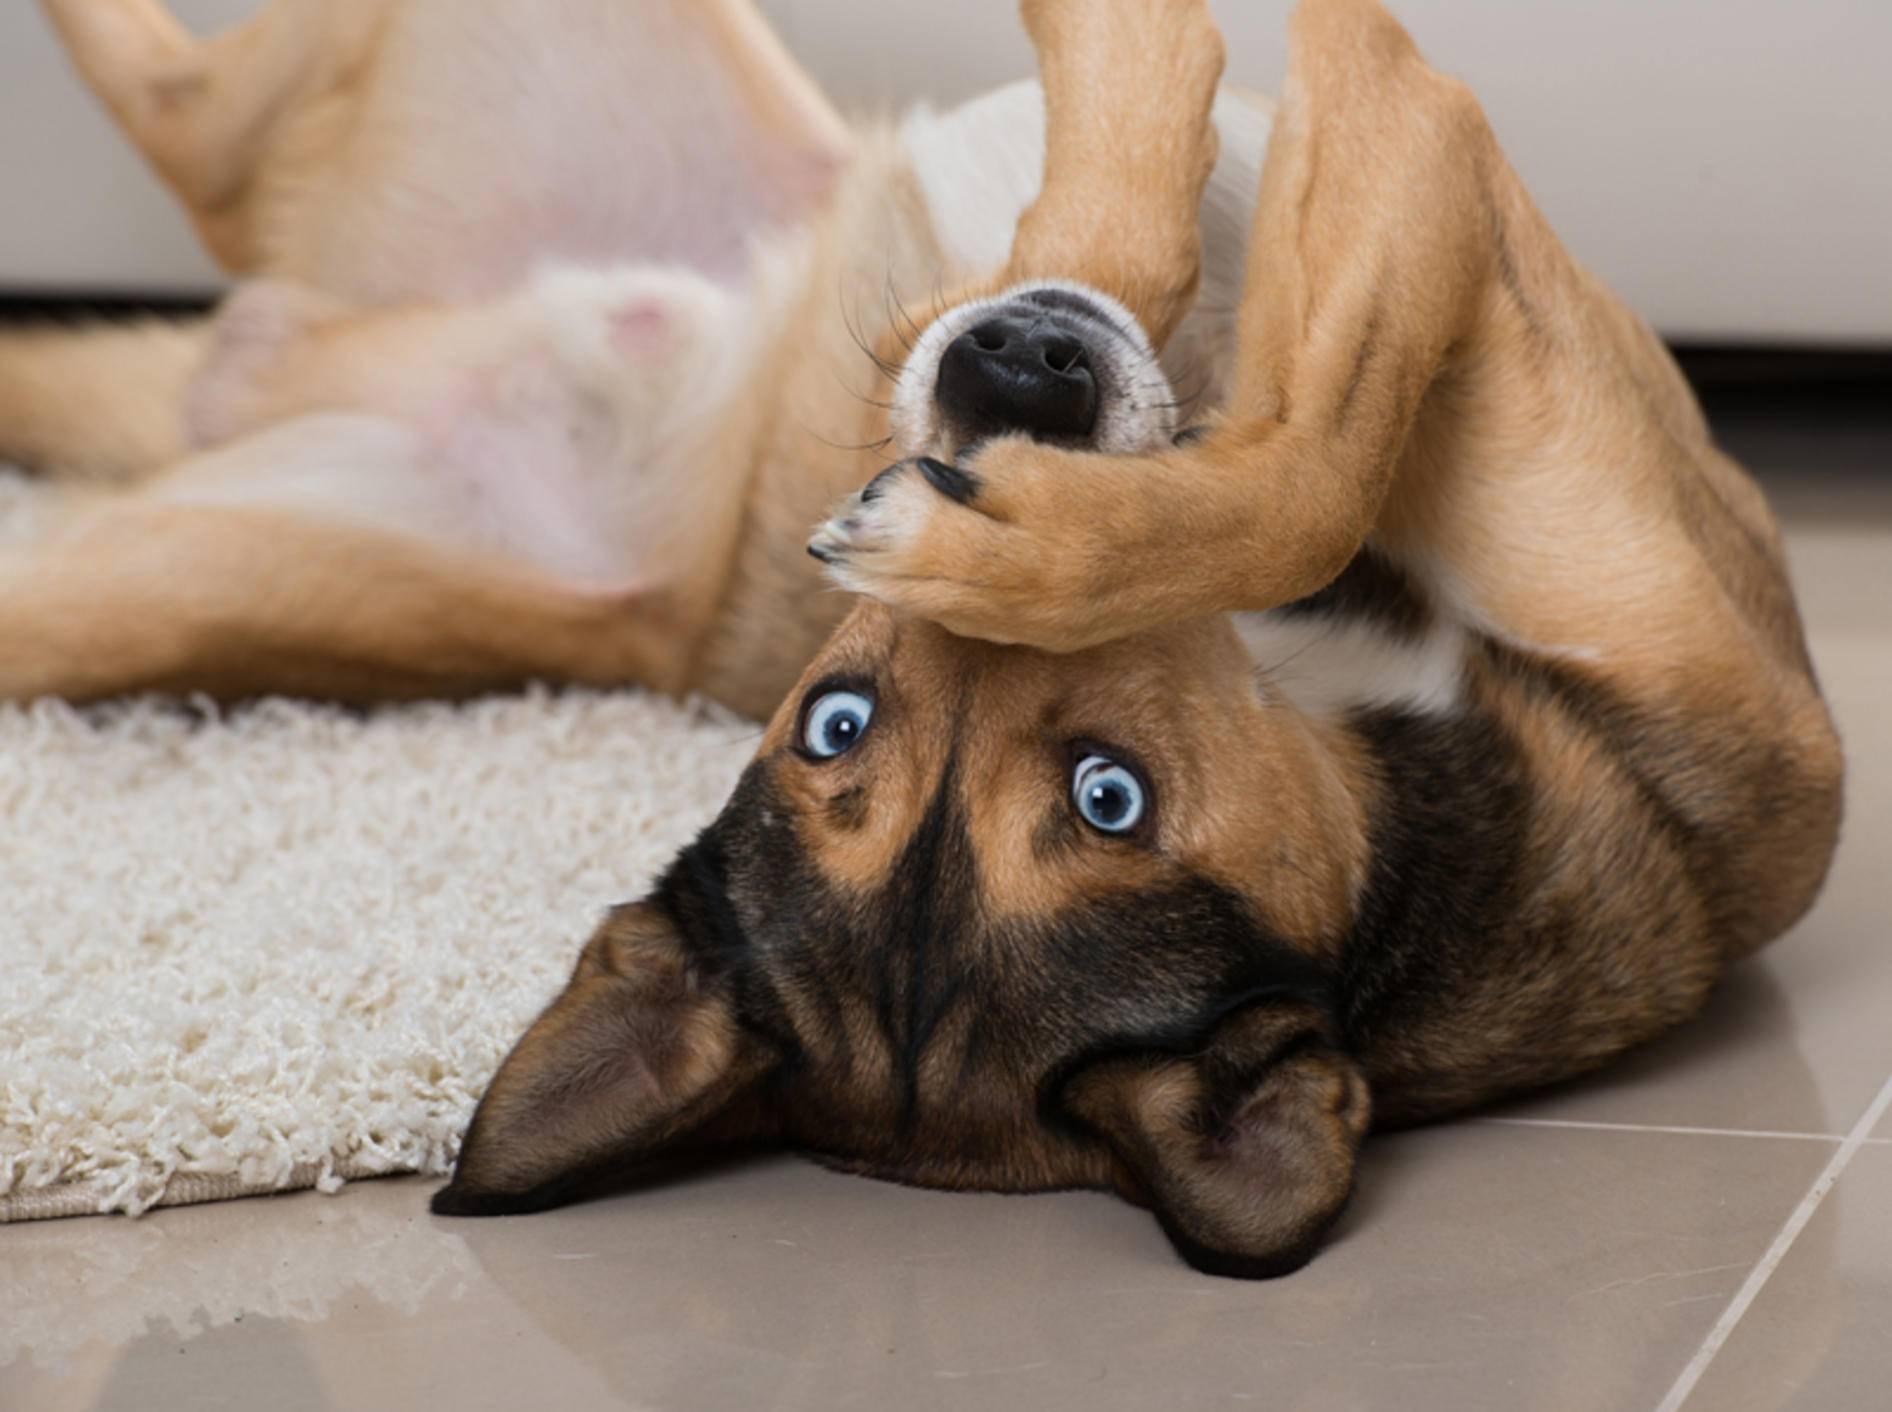 """Dieser Hund findet: """"Wenn man nichts Nettes über uns Vierbeiner zu sagen hat, soll man lieber schweigen"""" – Shutterstock / Dora Zett"""